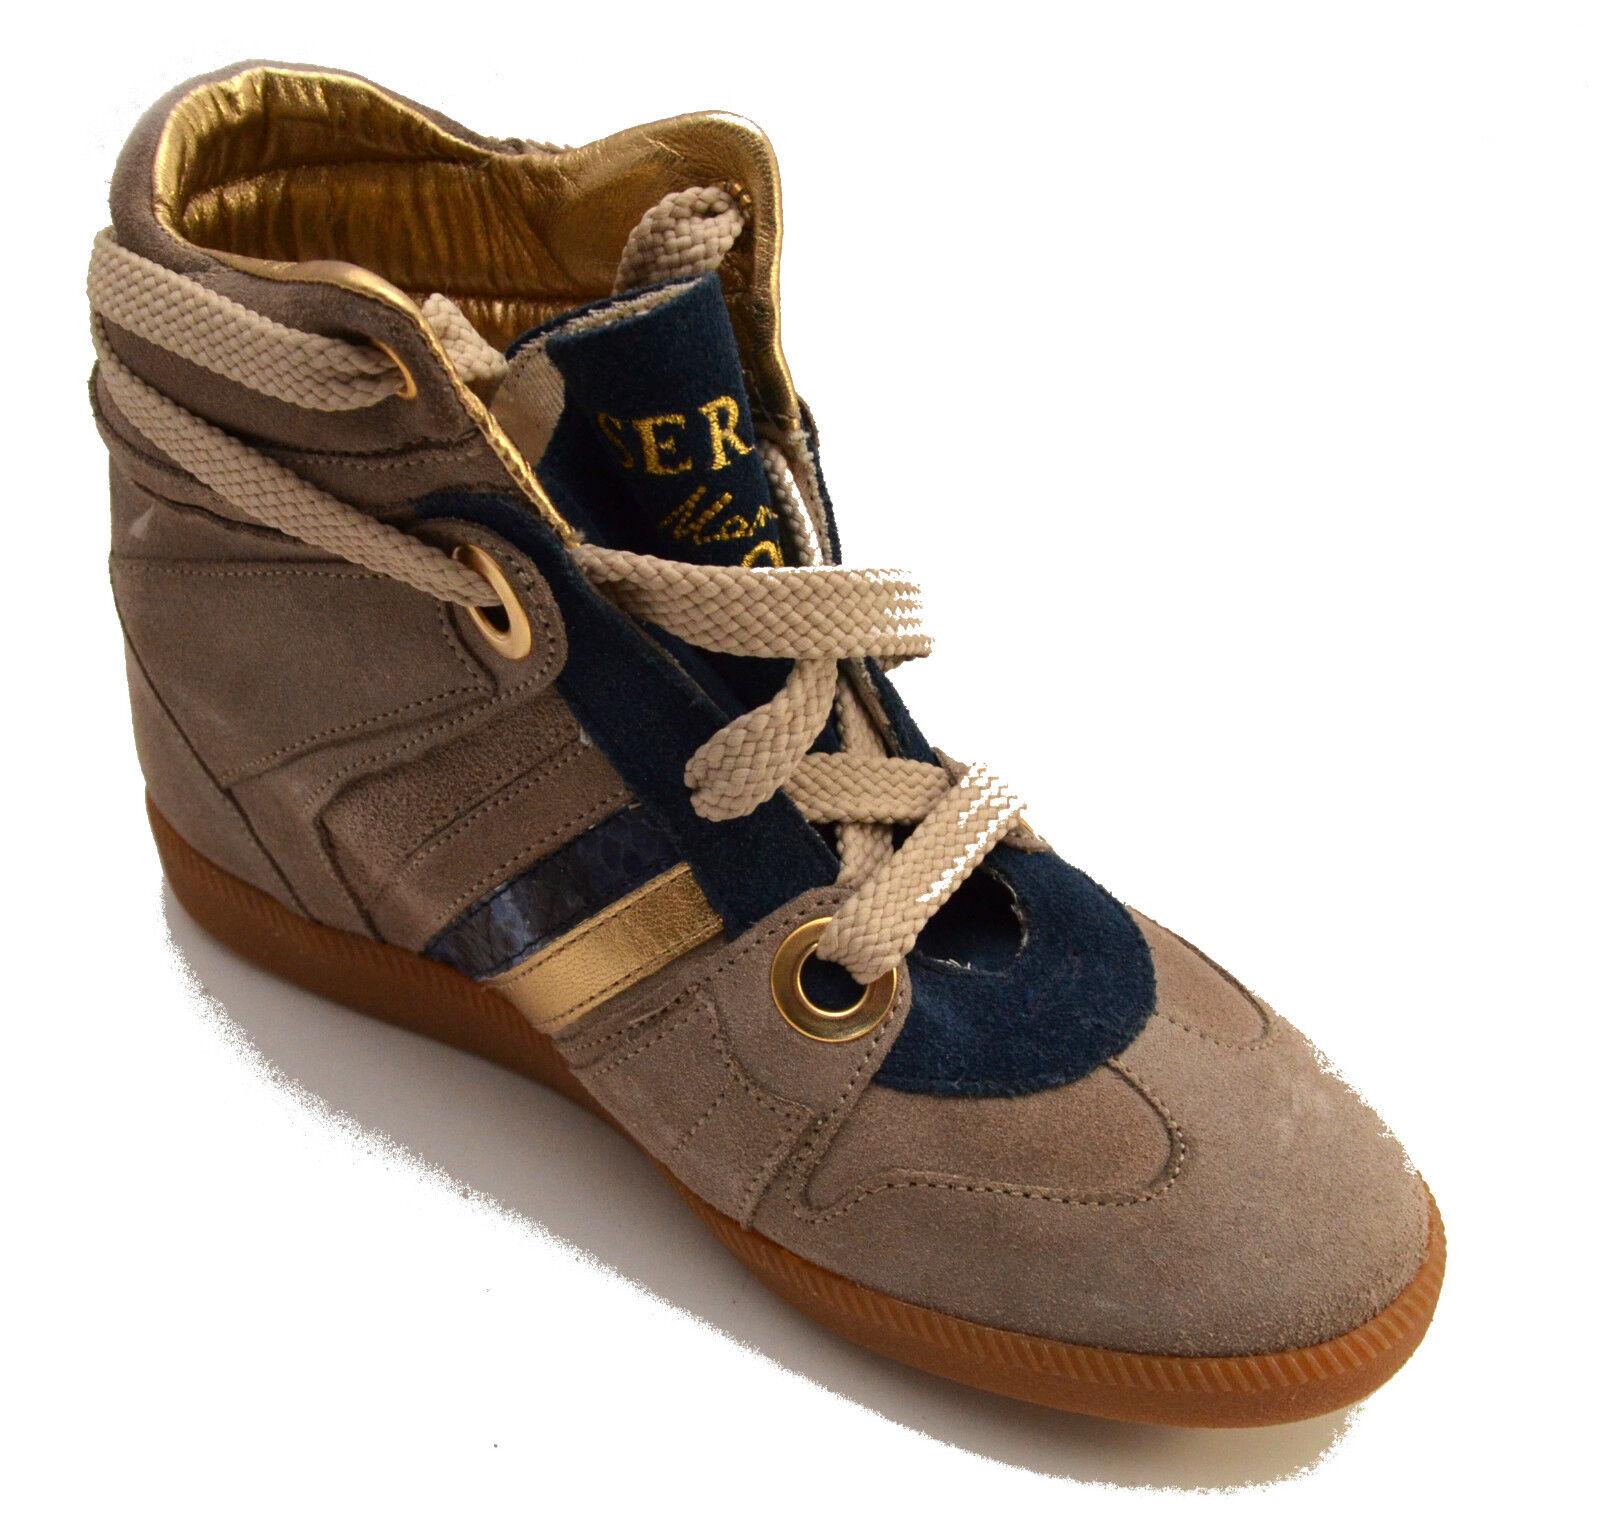 Moda barata y hermosa Grandes zapatos con descuento Serafini scarpe sneakers alte pelle shoes Donna beige Zeppa interna Women 2727